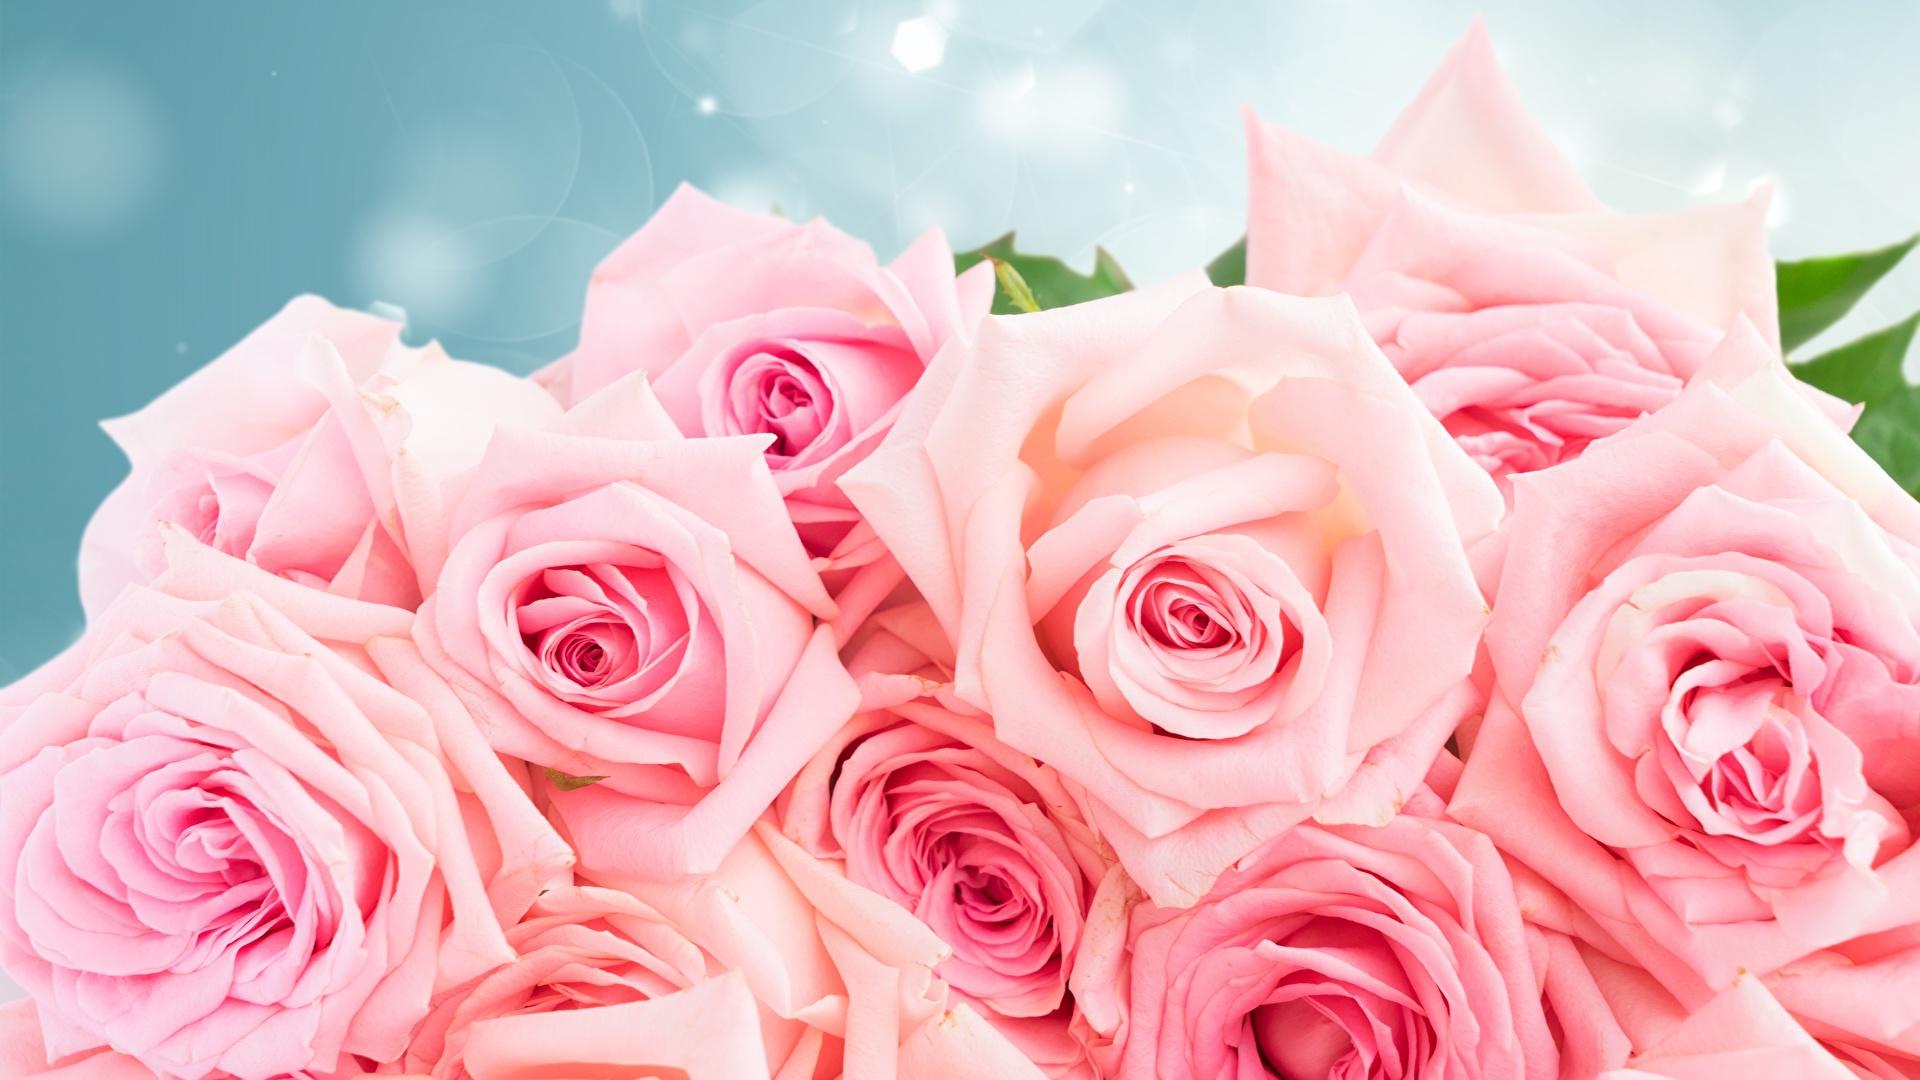 壁紙 1920x1080 バラ ピンク 花 ダウンロード 写真